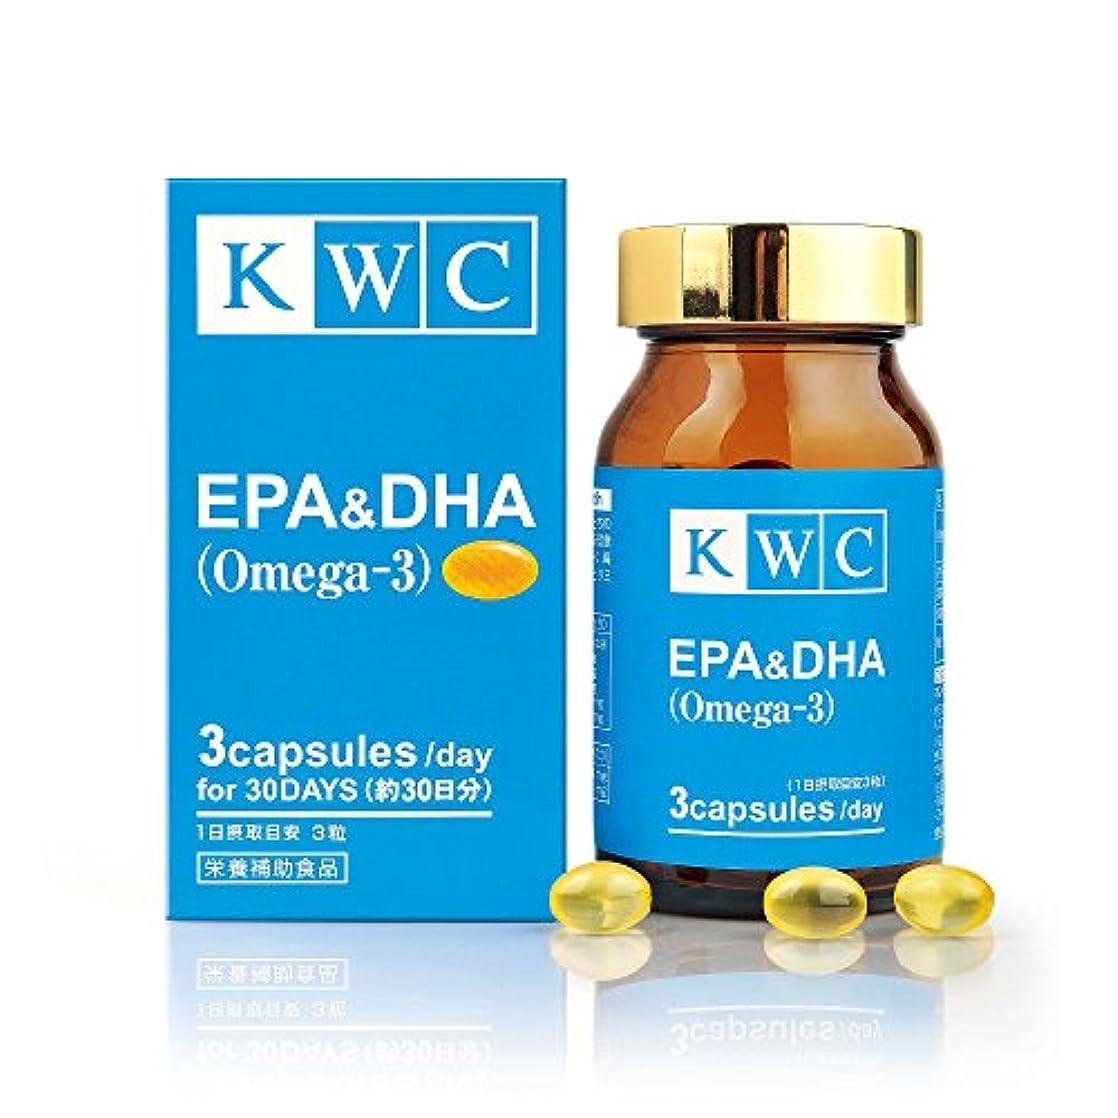 合併症虹紳士気取りの、きざなKWC EPA&DHA サプリメント 約30日分 90粒